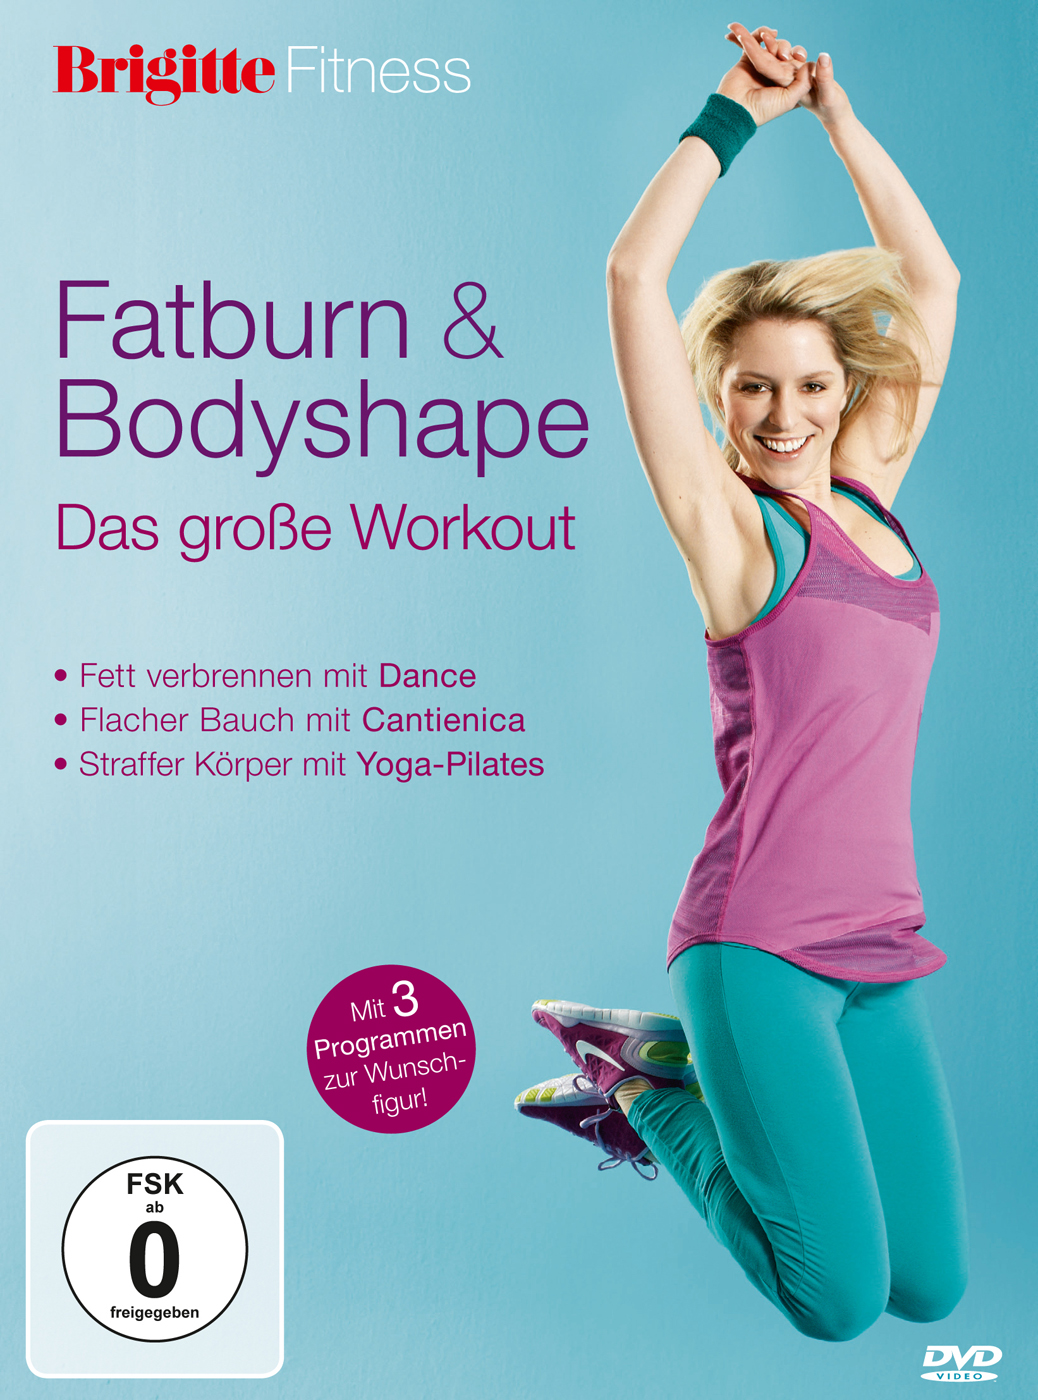 Fatburn & Bodyshape von Brigitte Fitness (DVD)